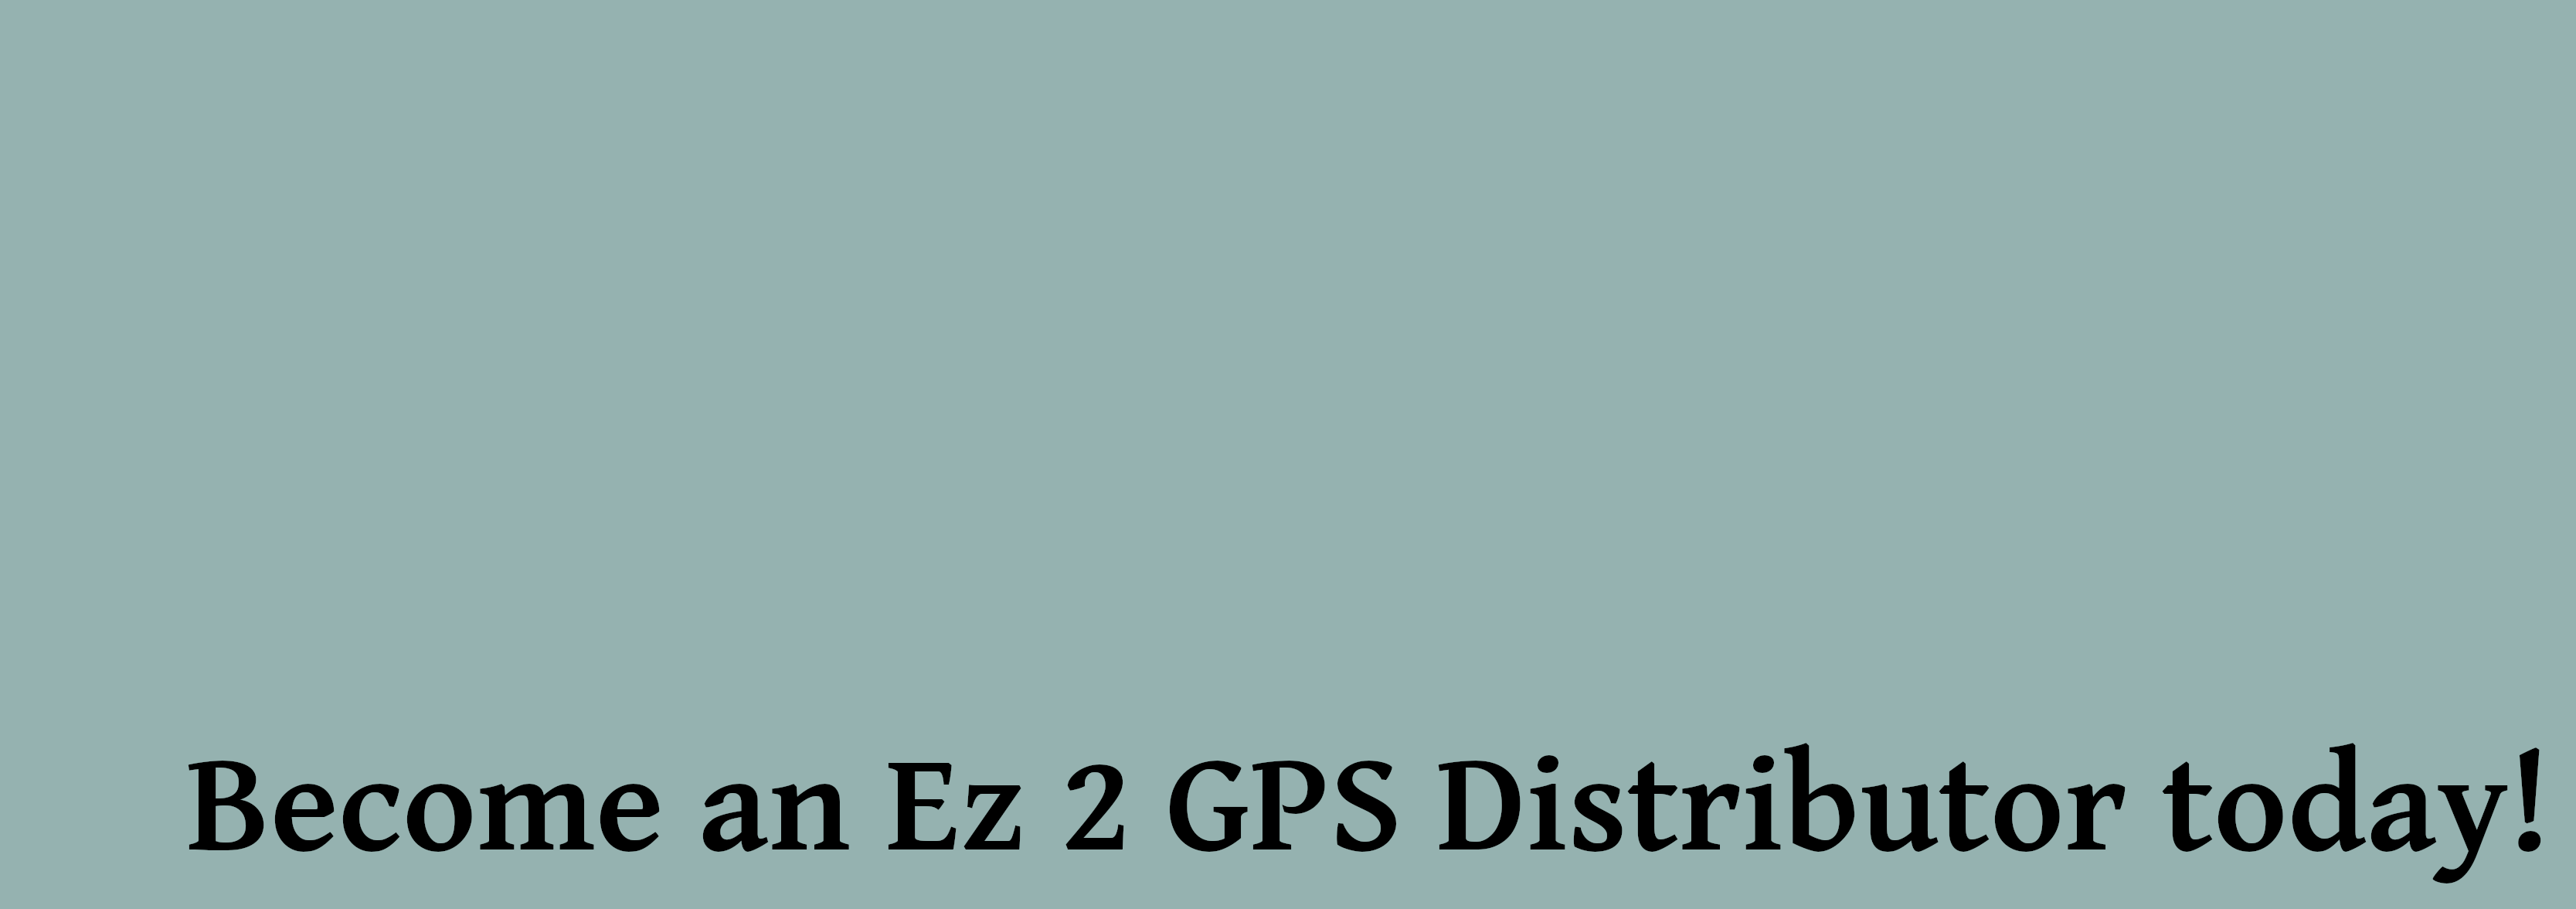 Ez 2 GPS